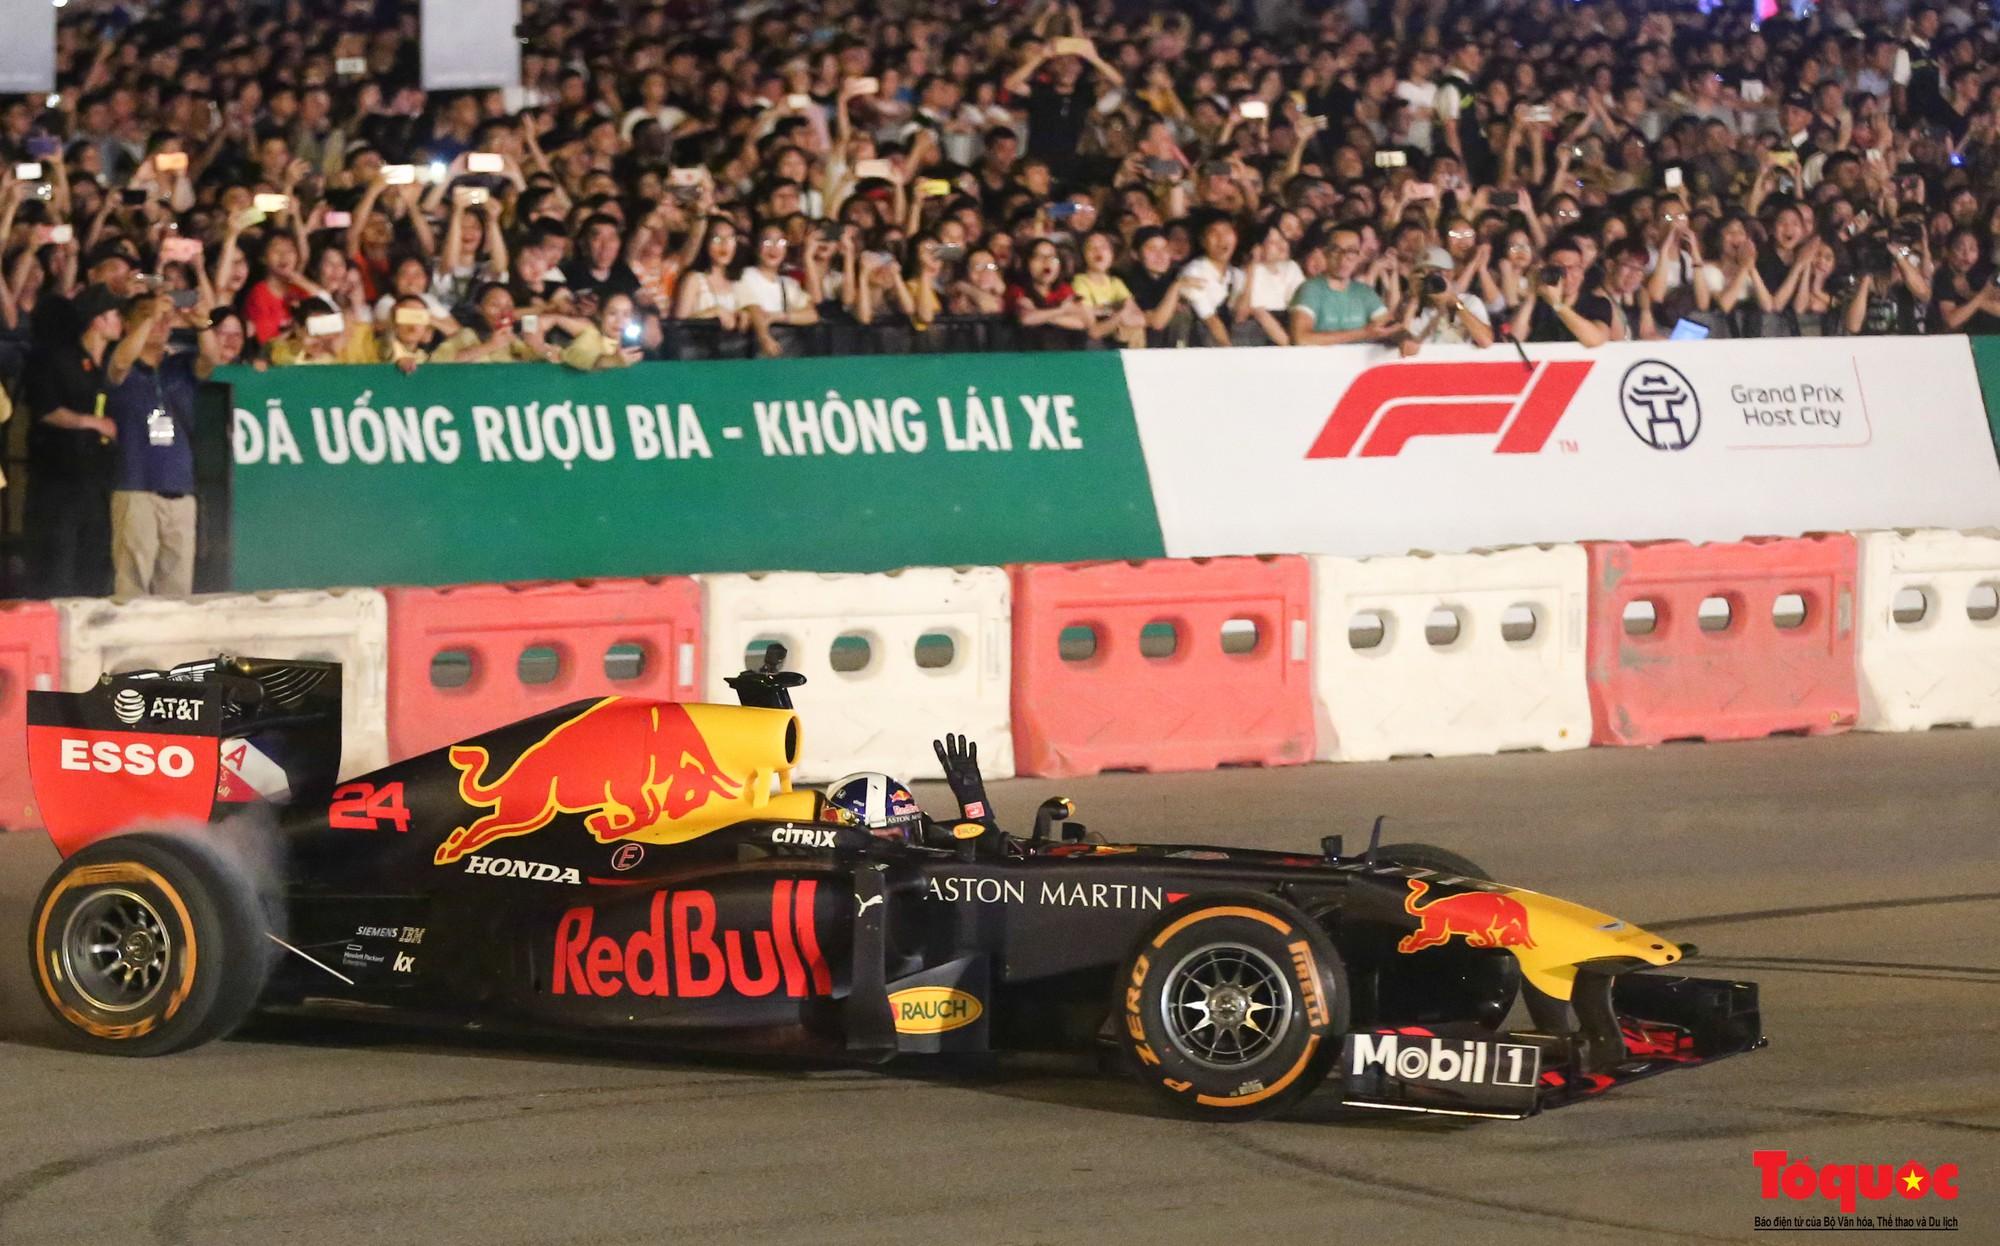 Mãn nhãn với mãnh thú F1 gầm rú và đốt lốp trên đường Hà Nội - Ảnh 9.